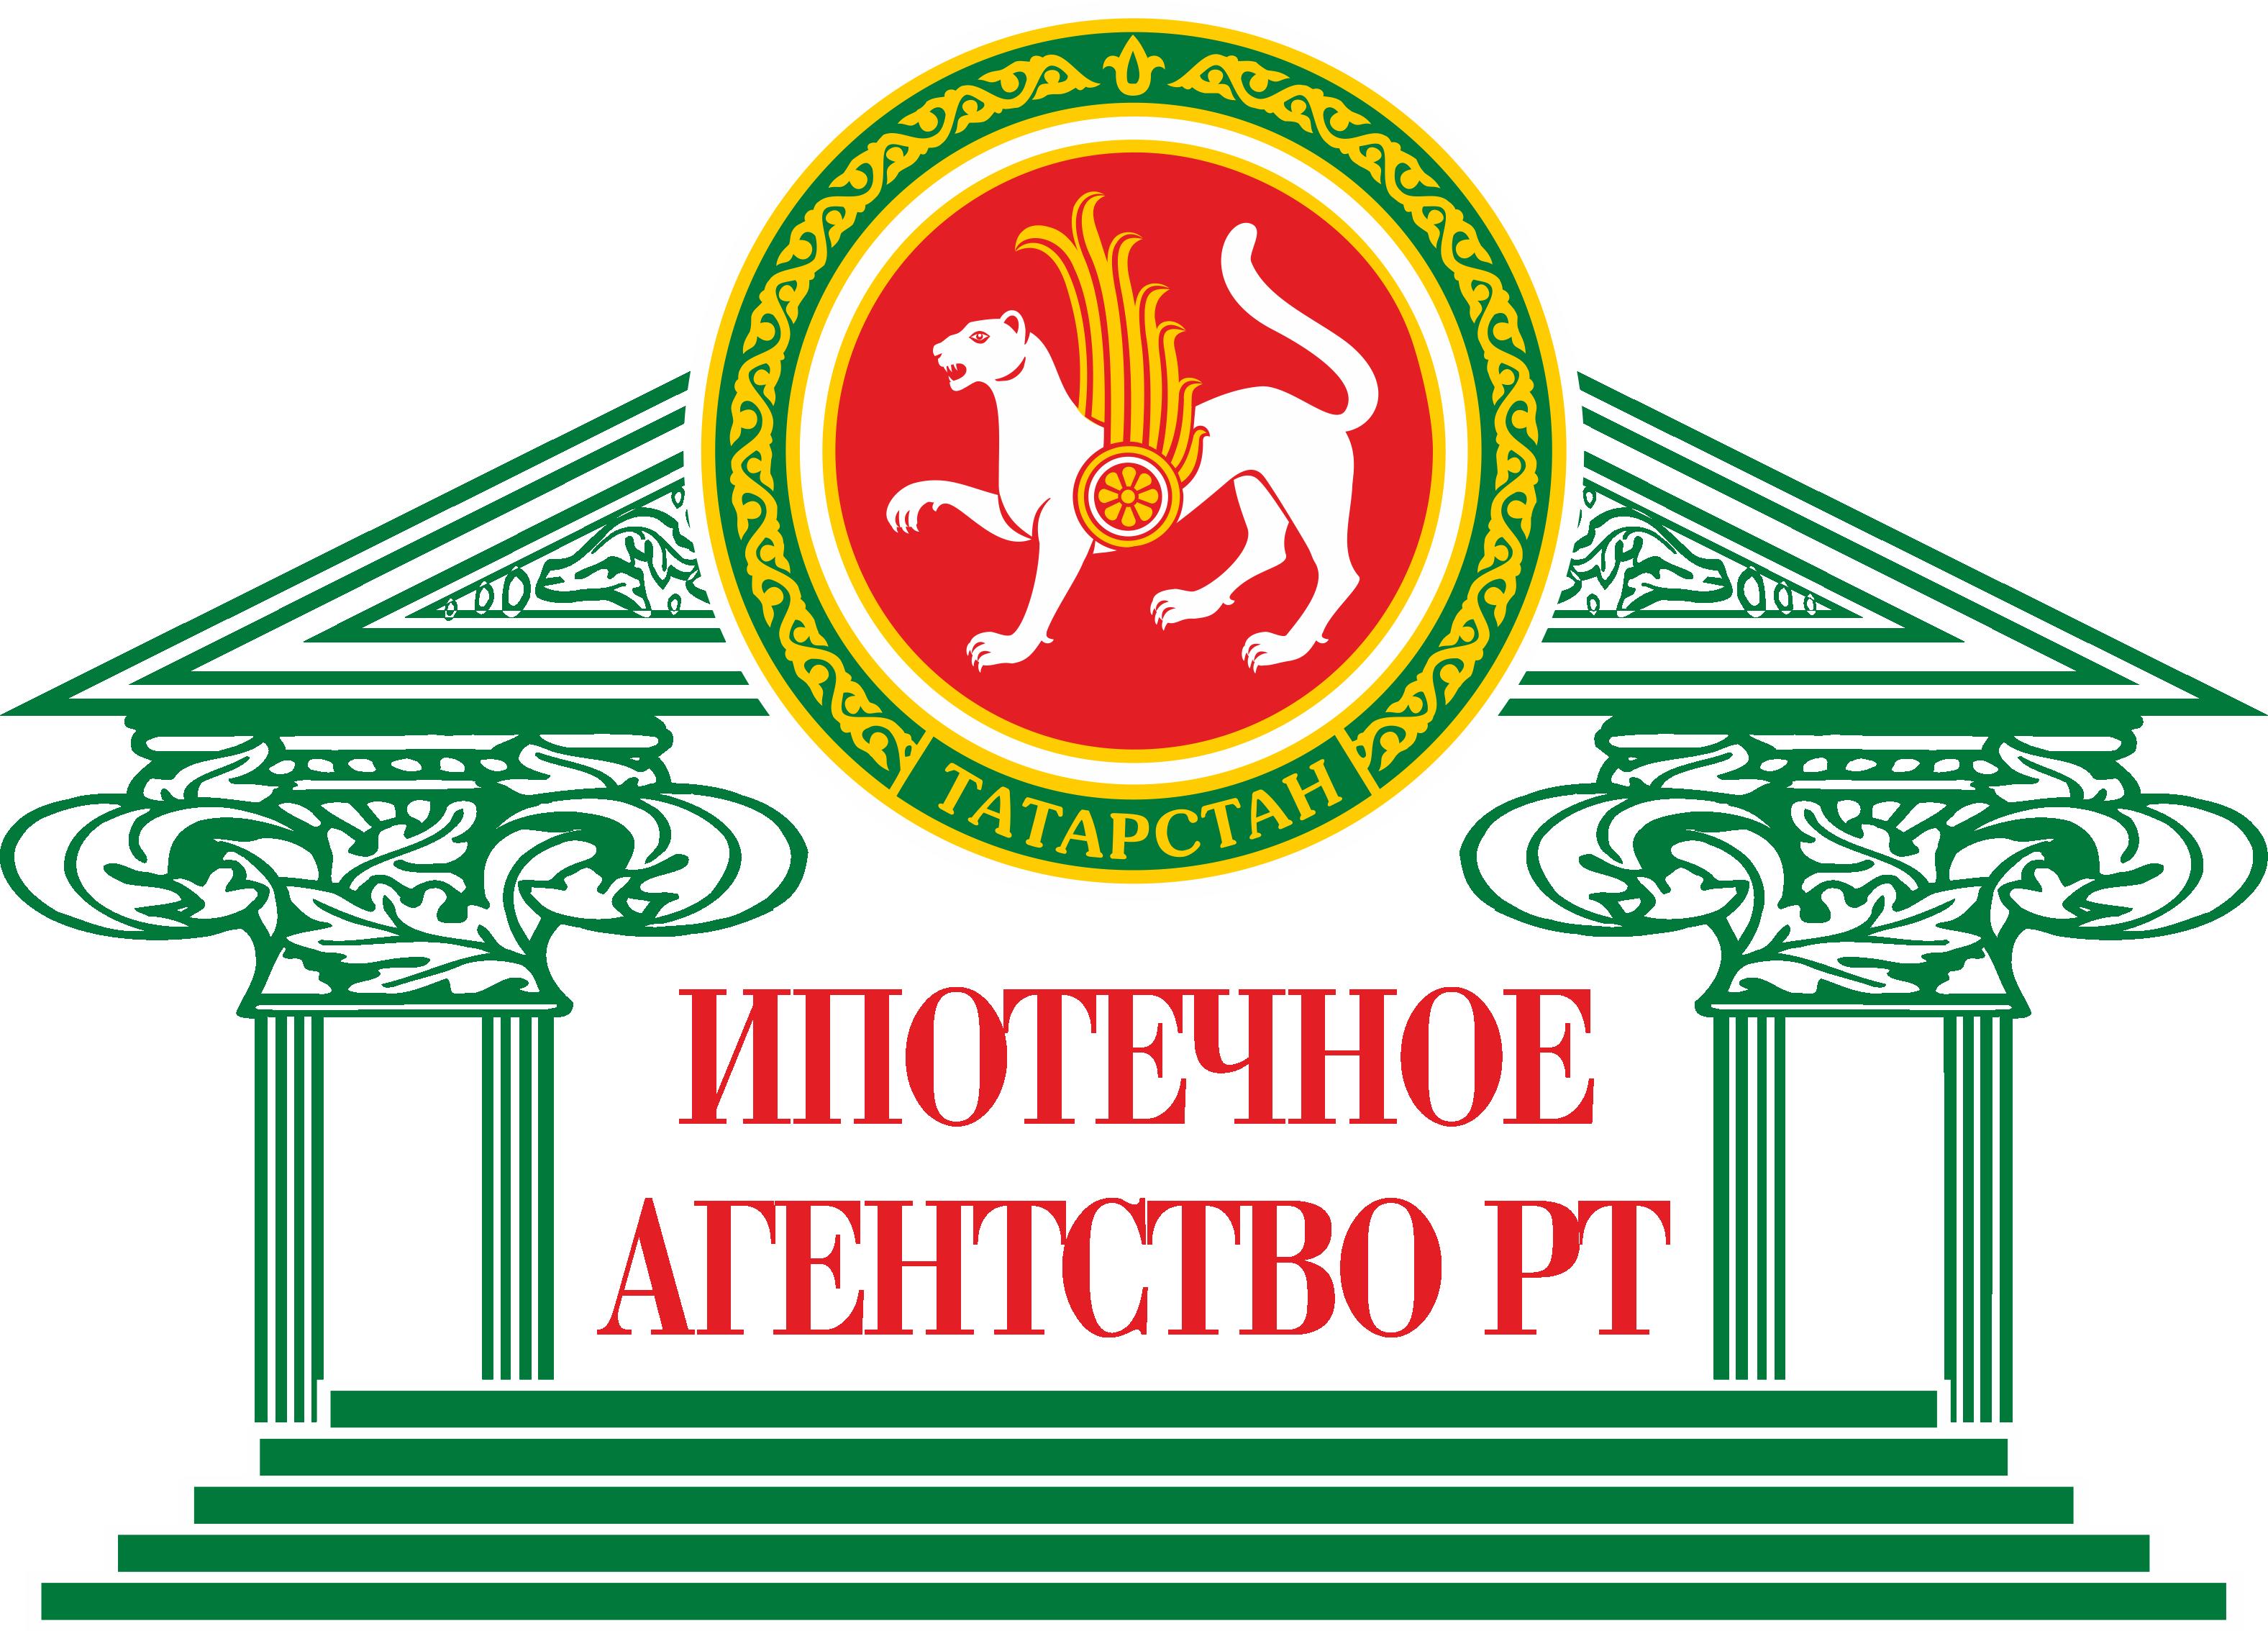 Ипотечное агентство РТ